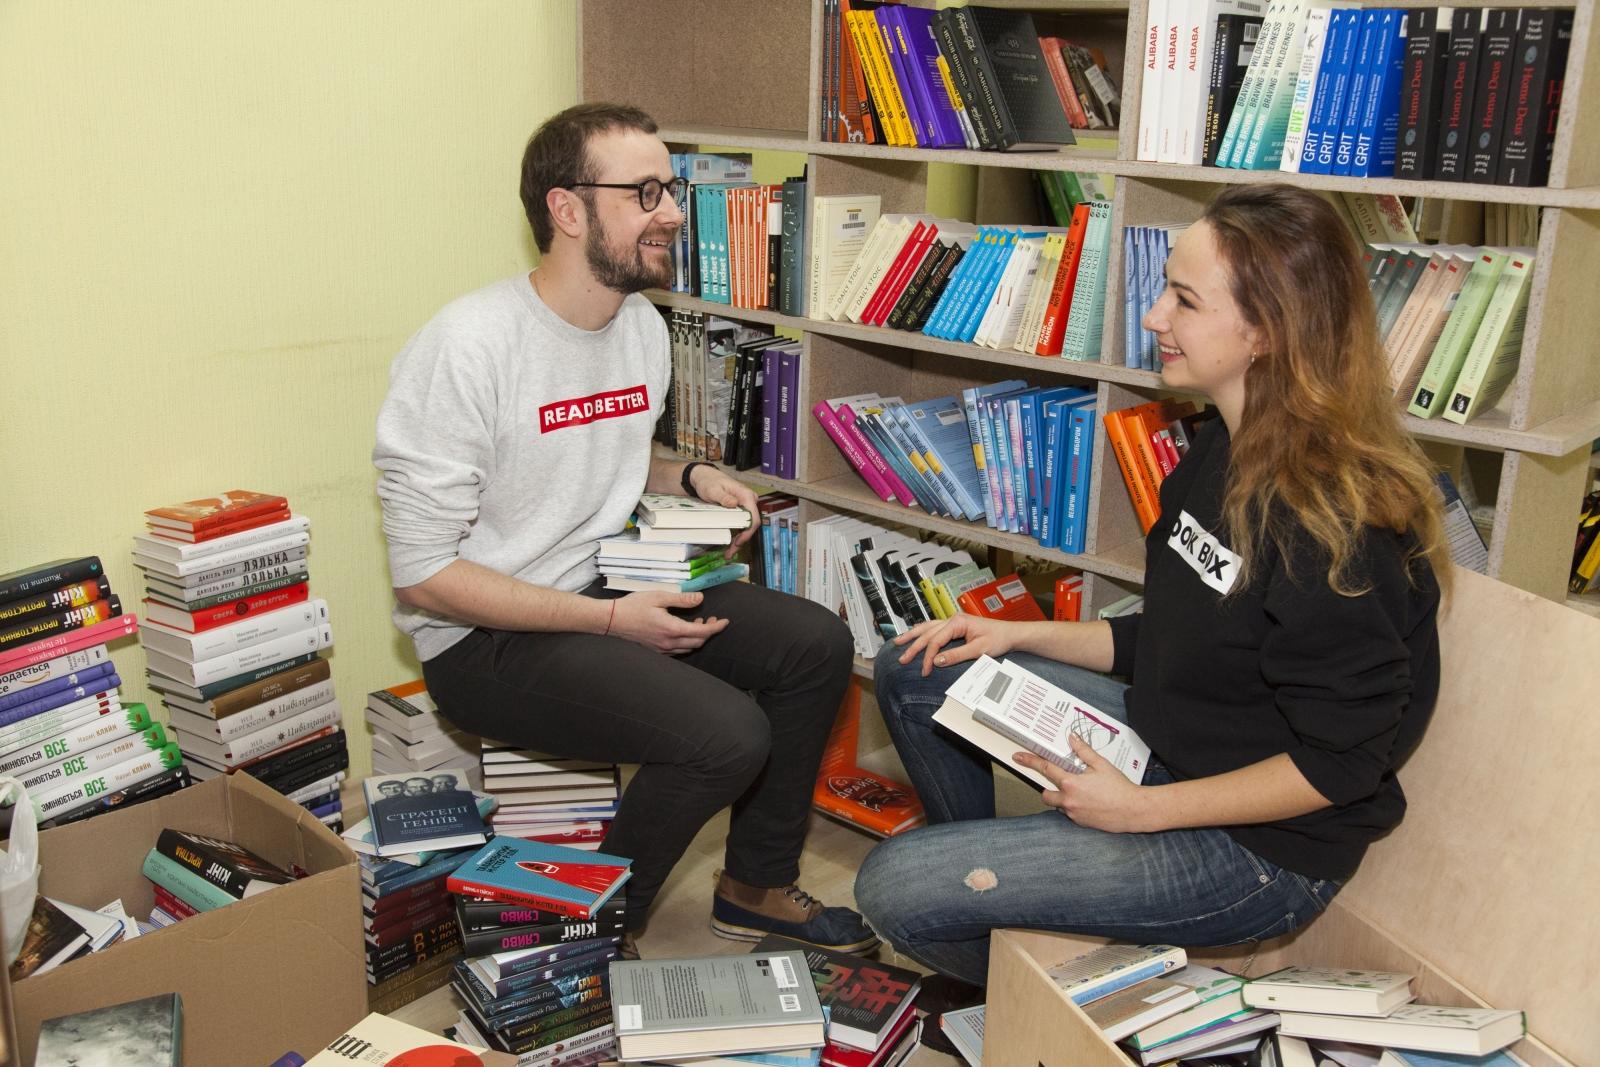 Команда Book Box: «Розповідаємо про читання без снобізму, зберігаючи експертність»